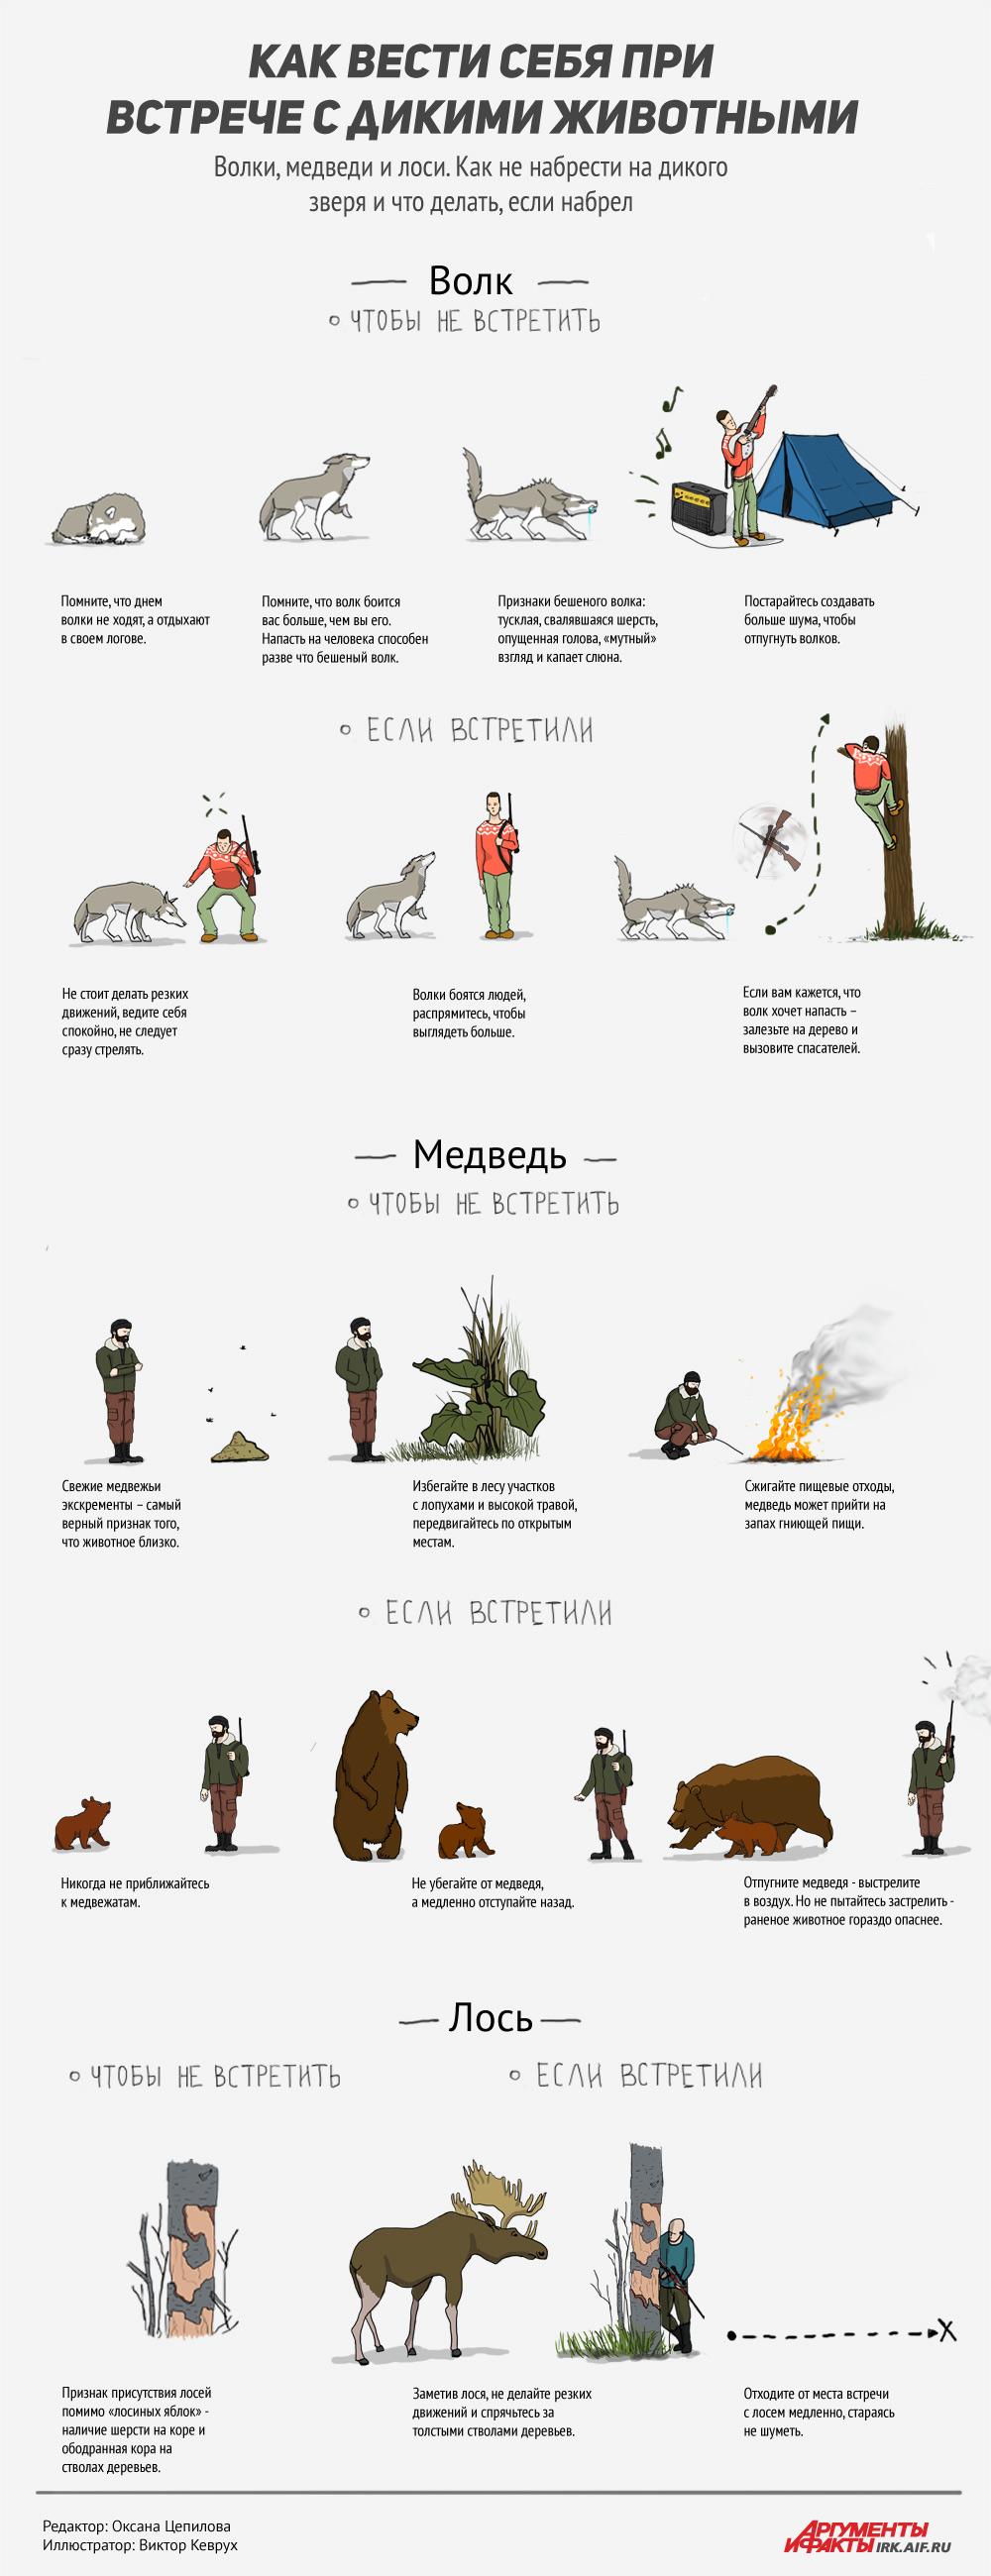 Как вести себя при встрече с дикими животными